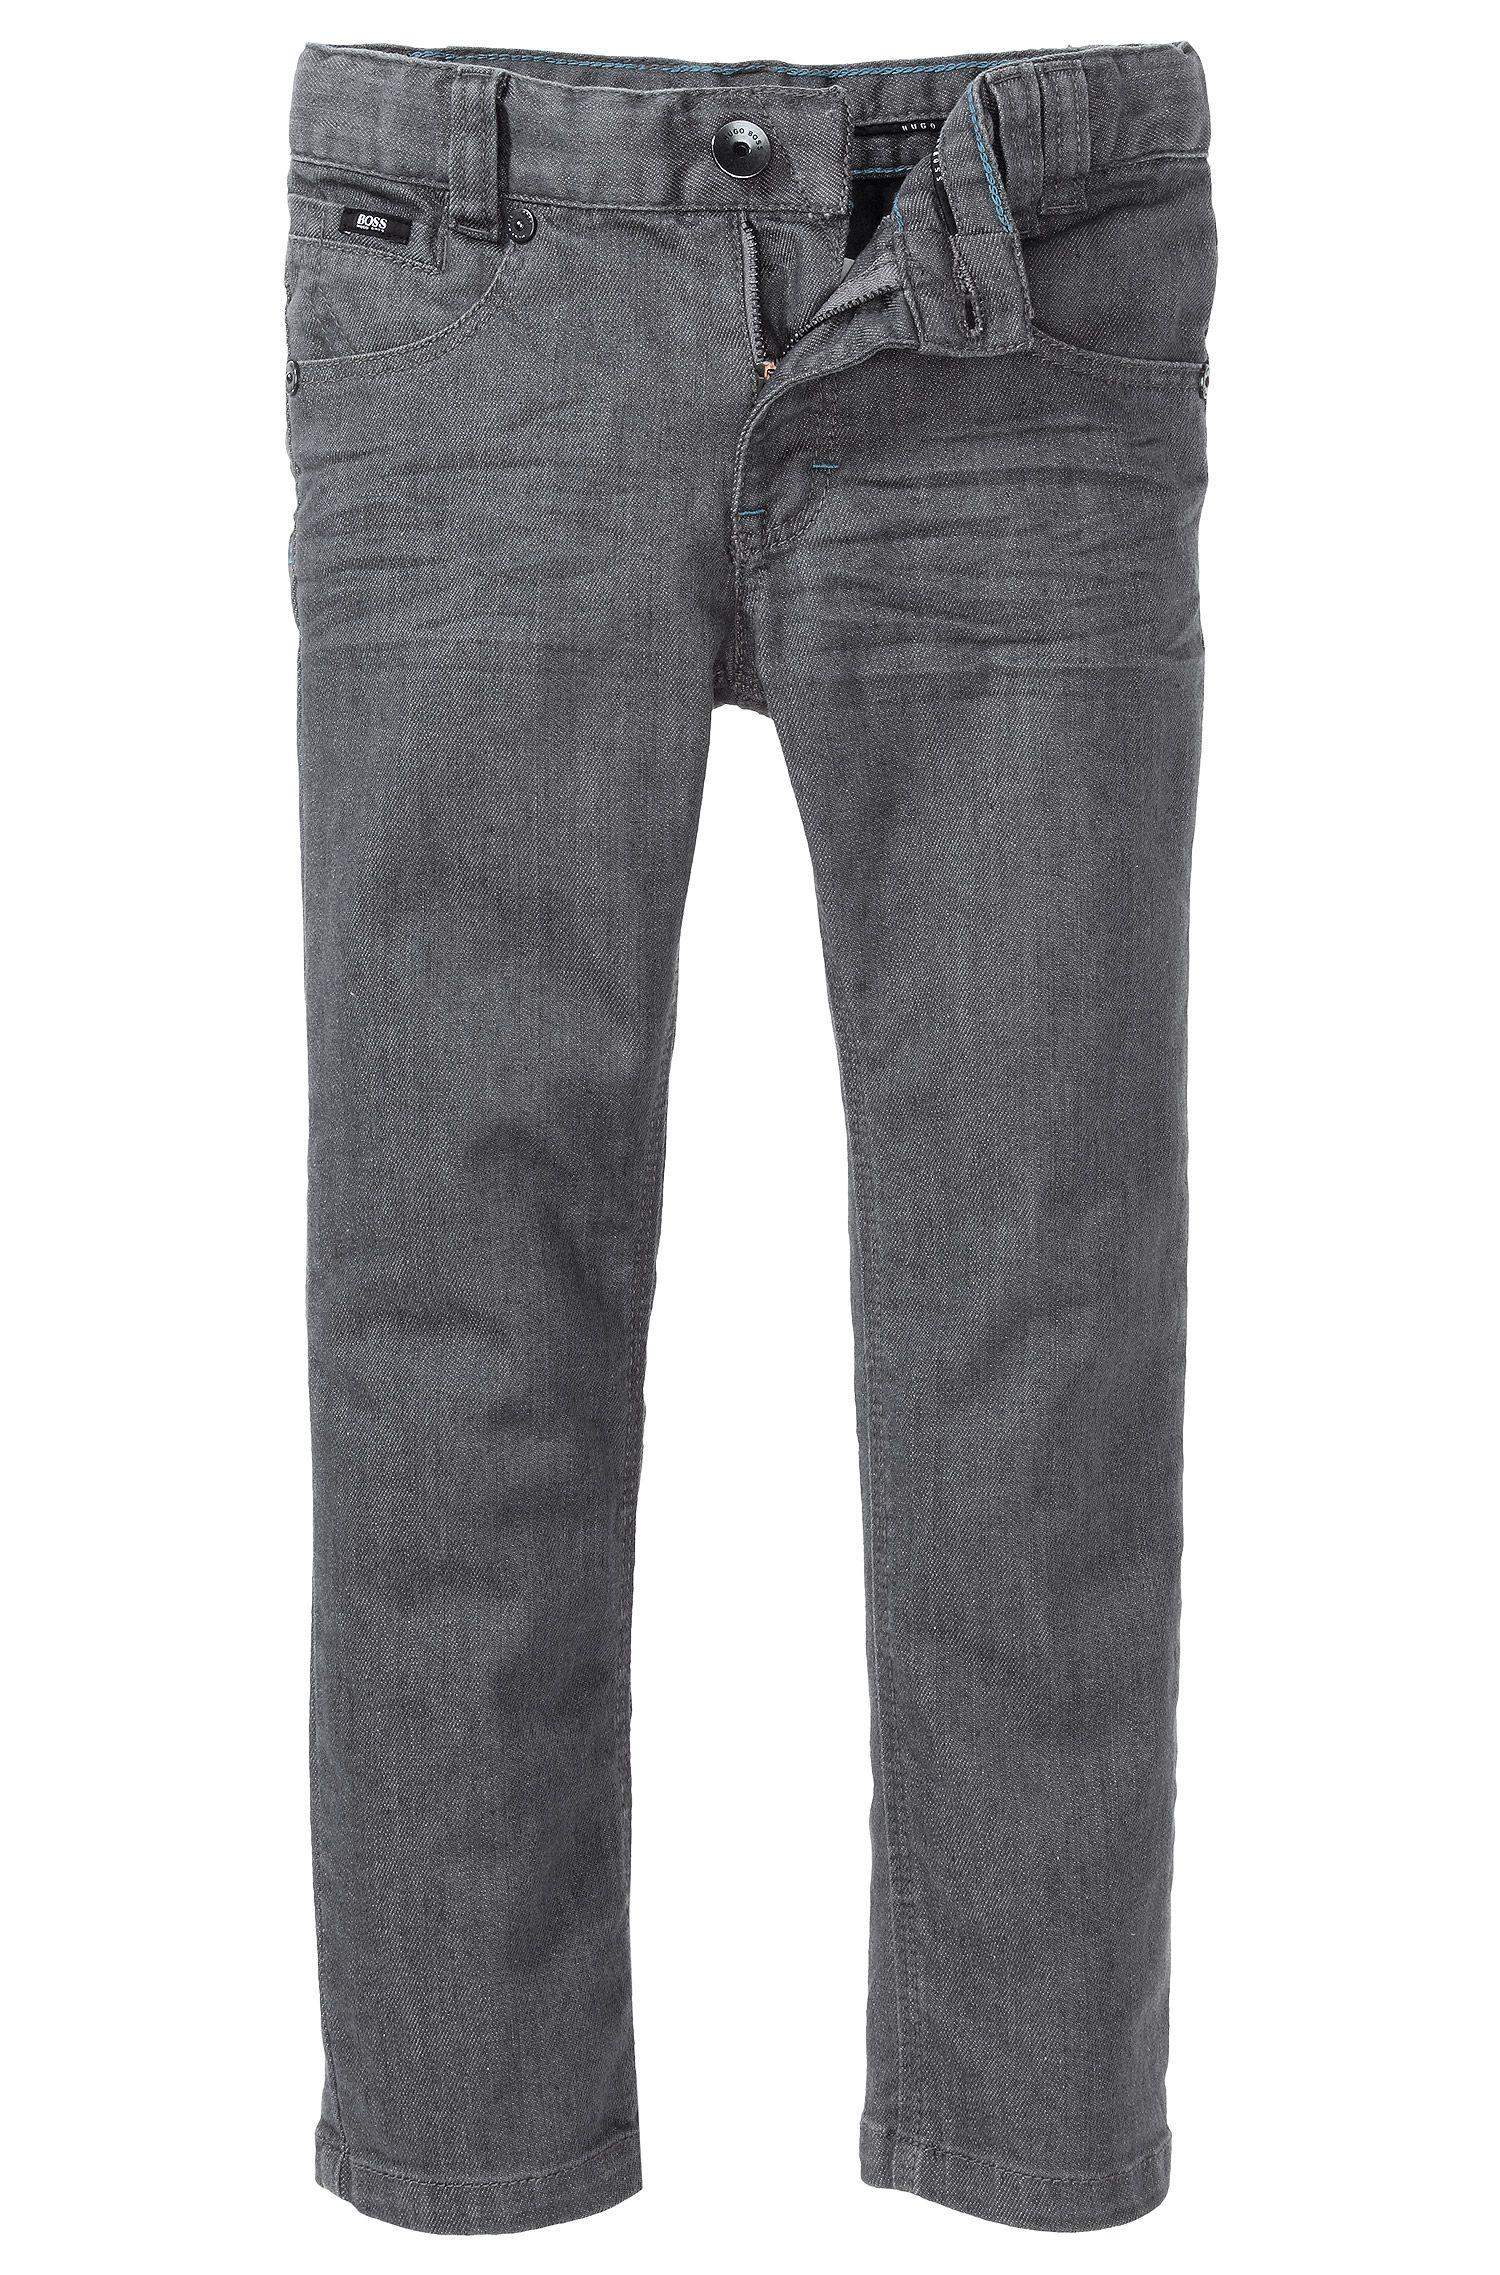 Jeans Kids «J24310» en coton mélangé